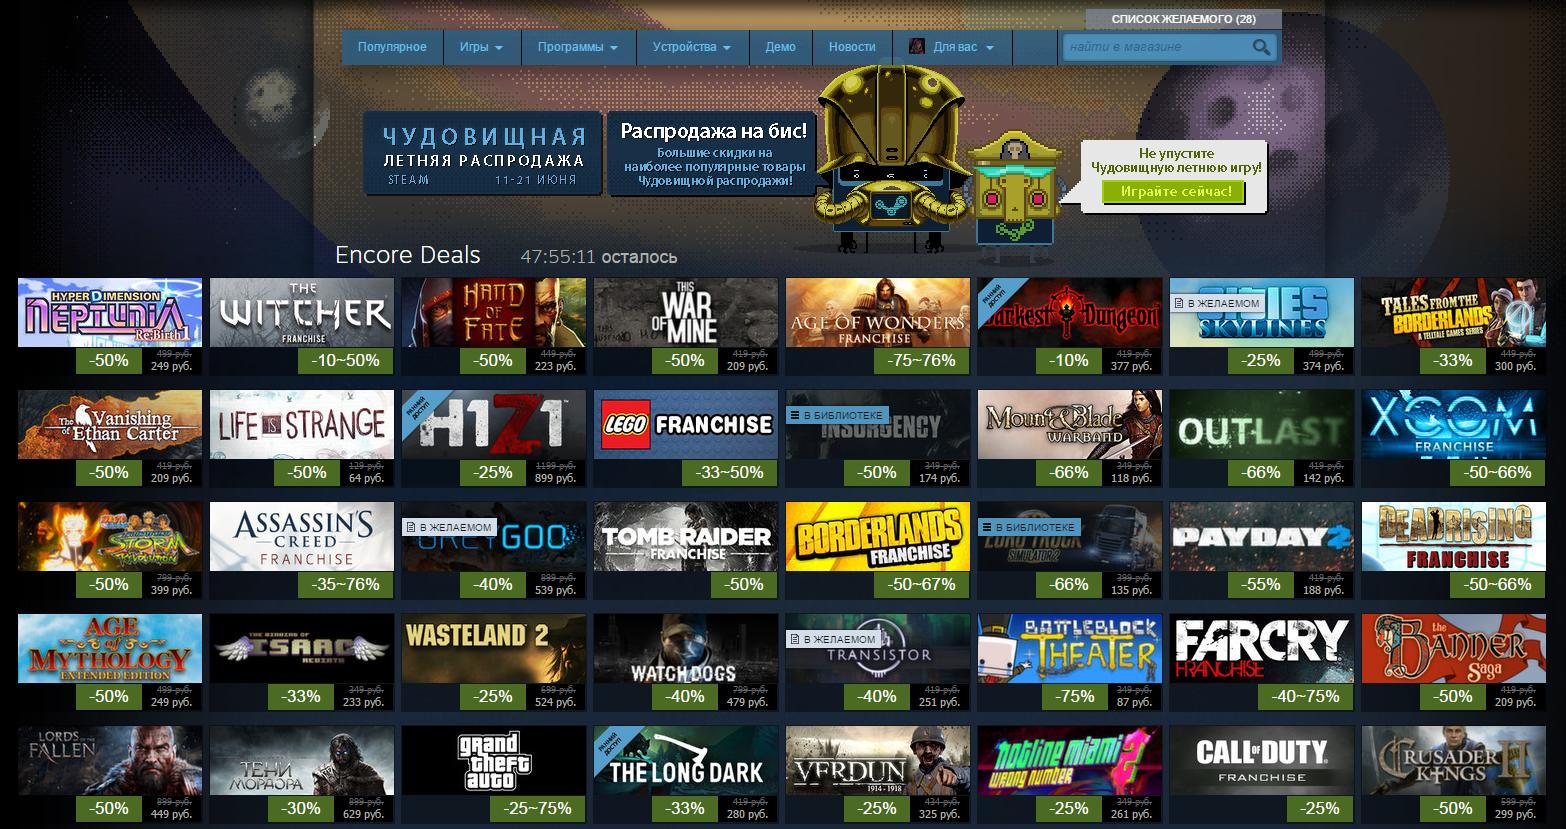 Последний день Чудовищной летней распродажи в Steam: на бис!